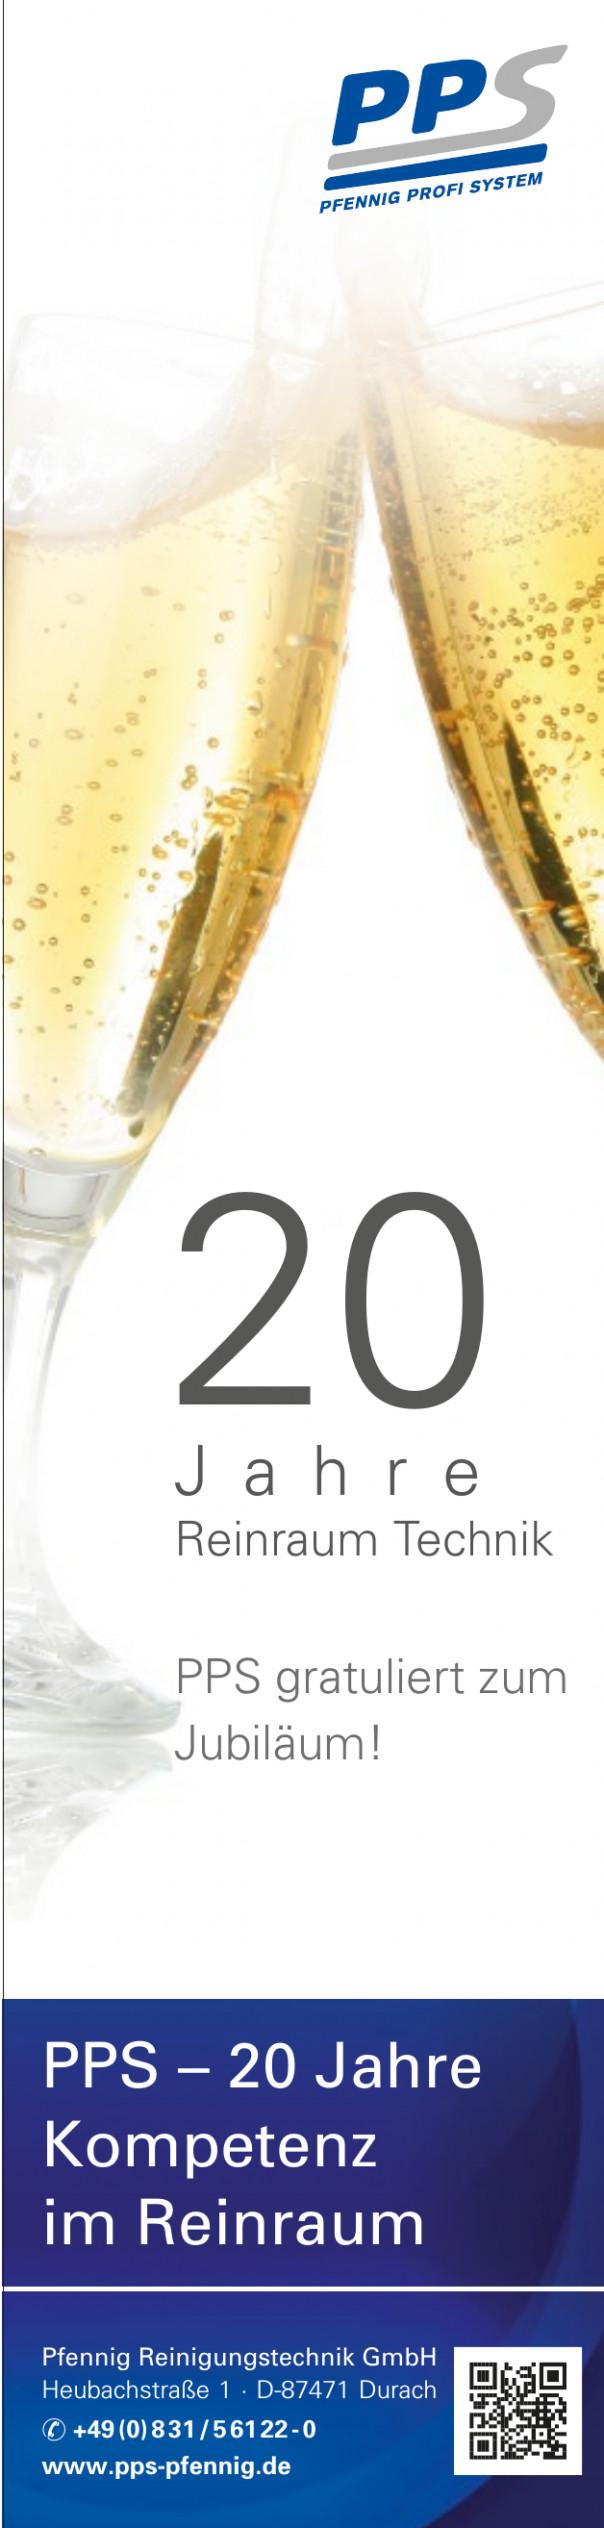 Pfennig Reinigungstechnik GmbH